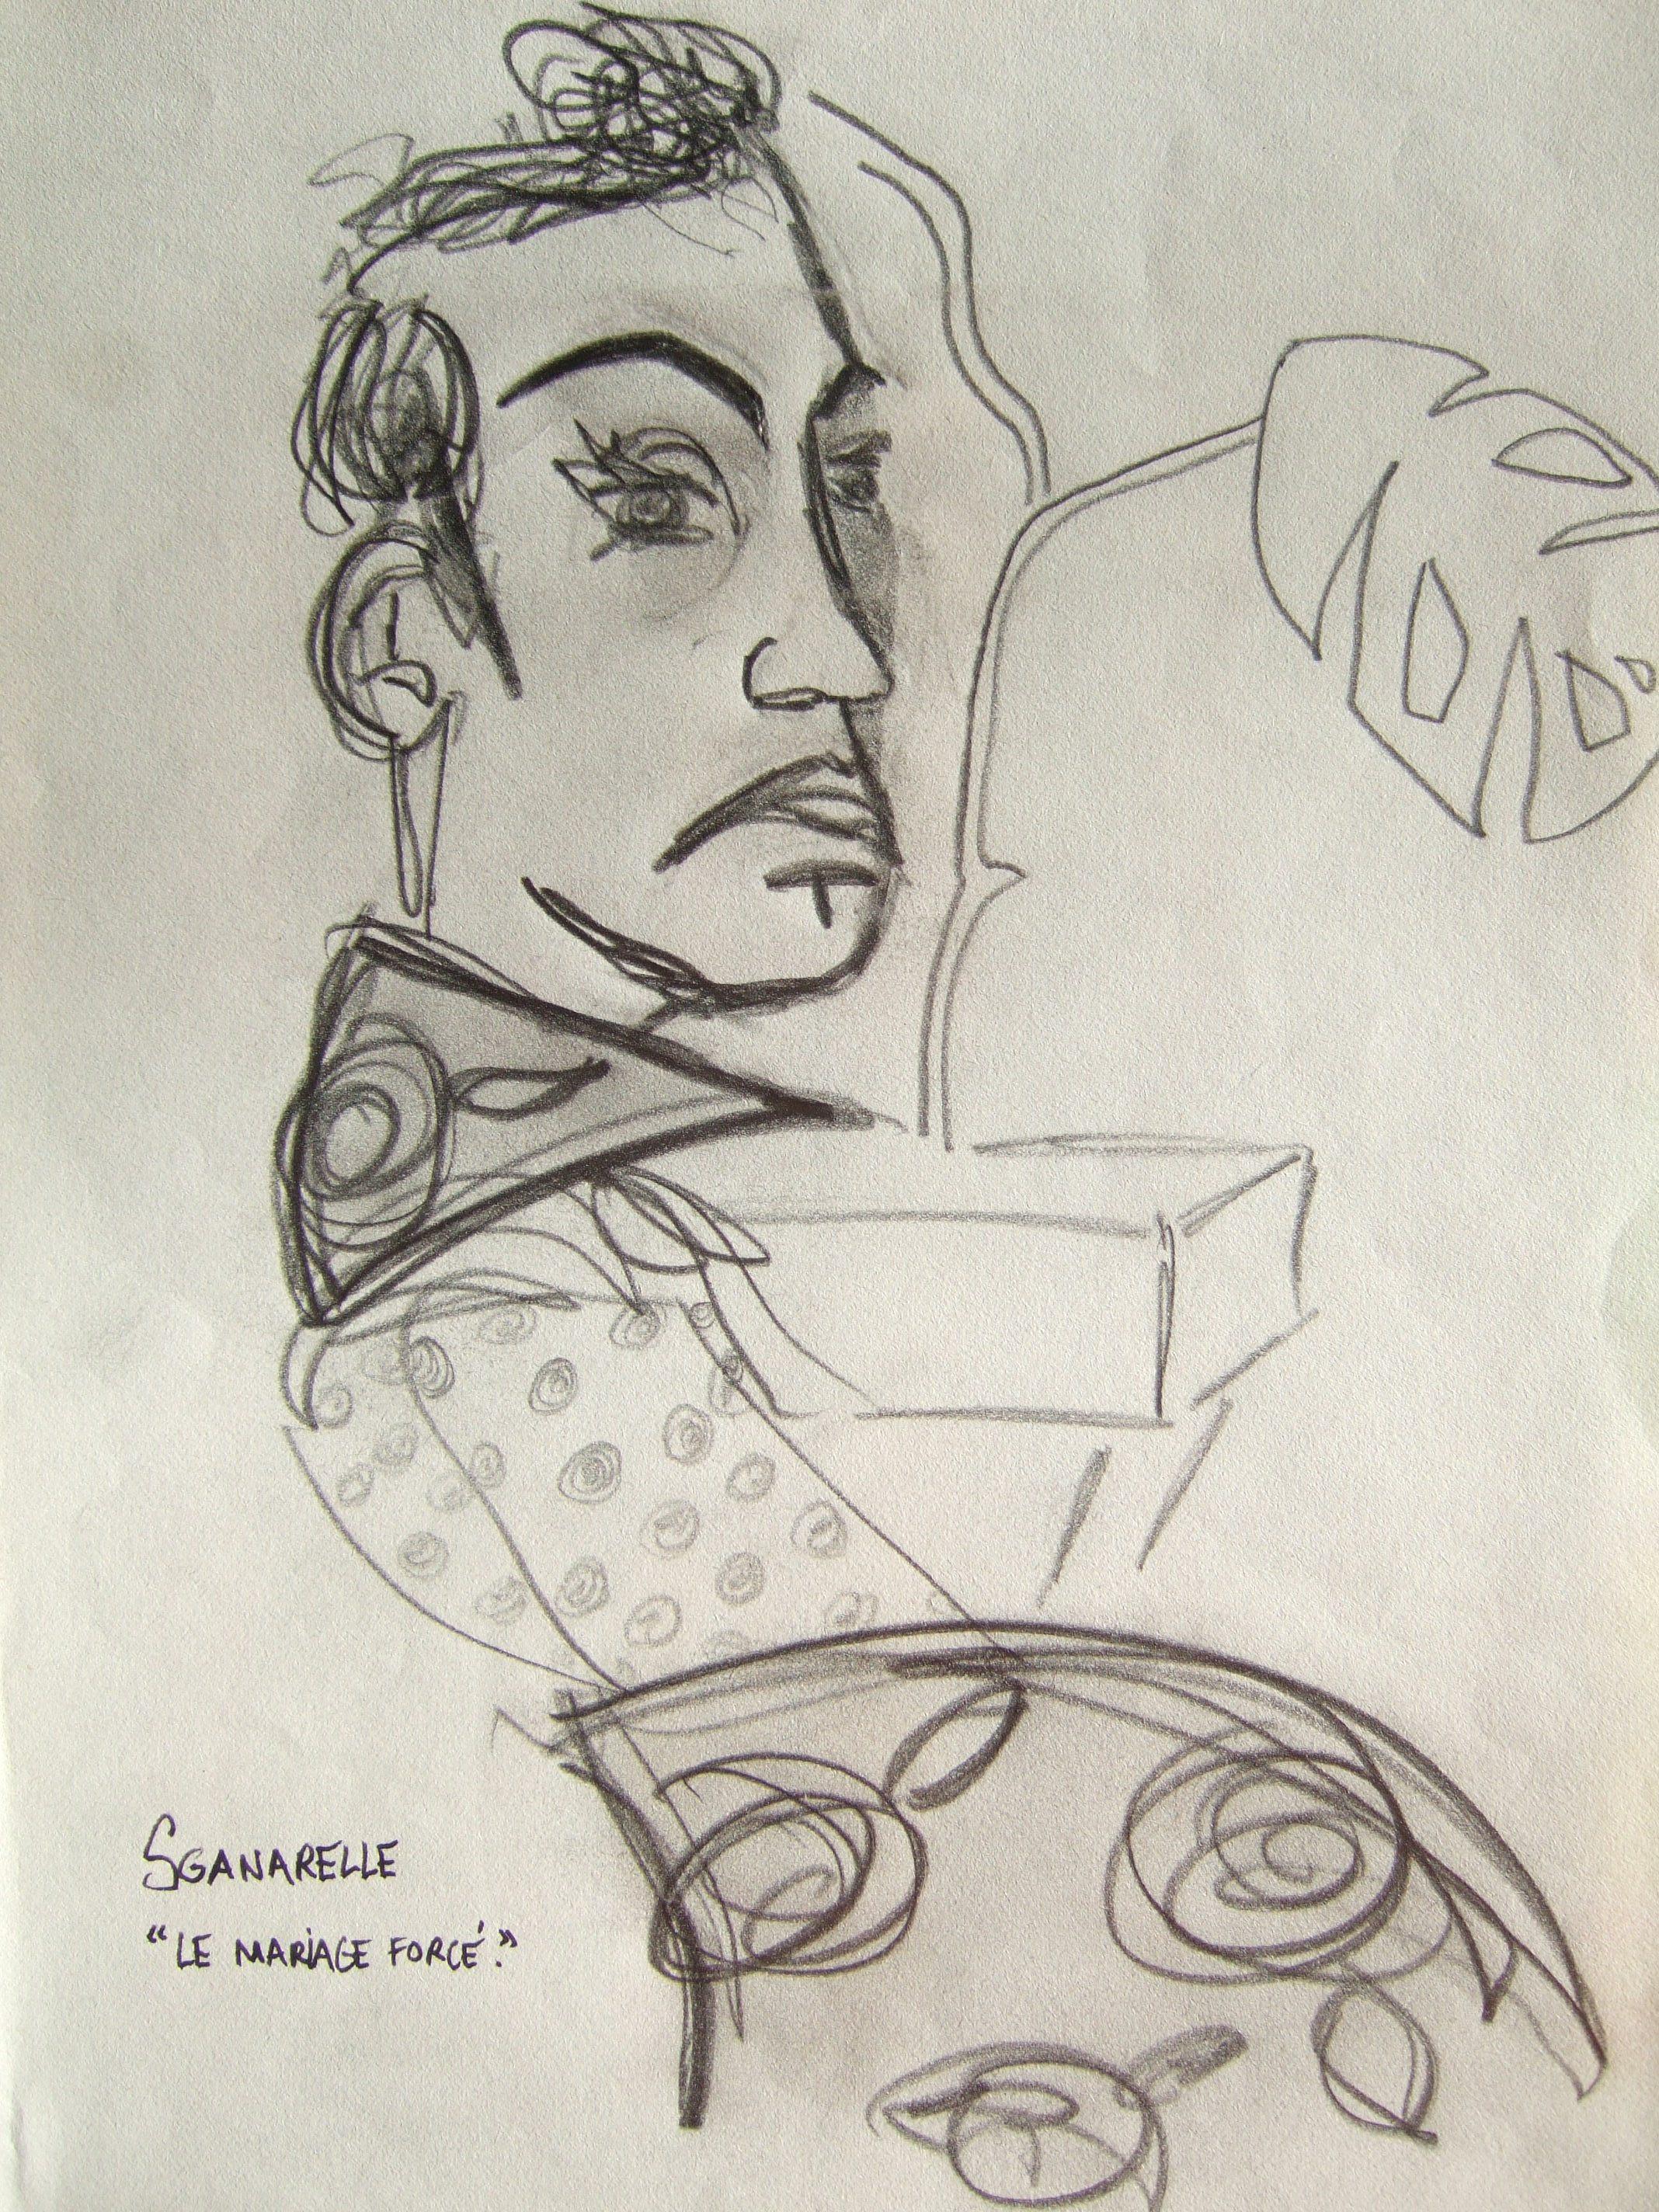 Sganarelle